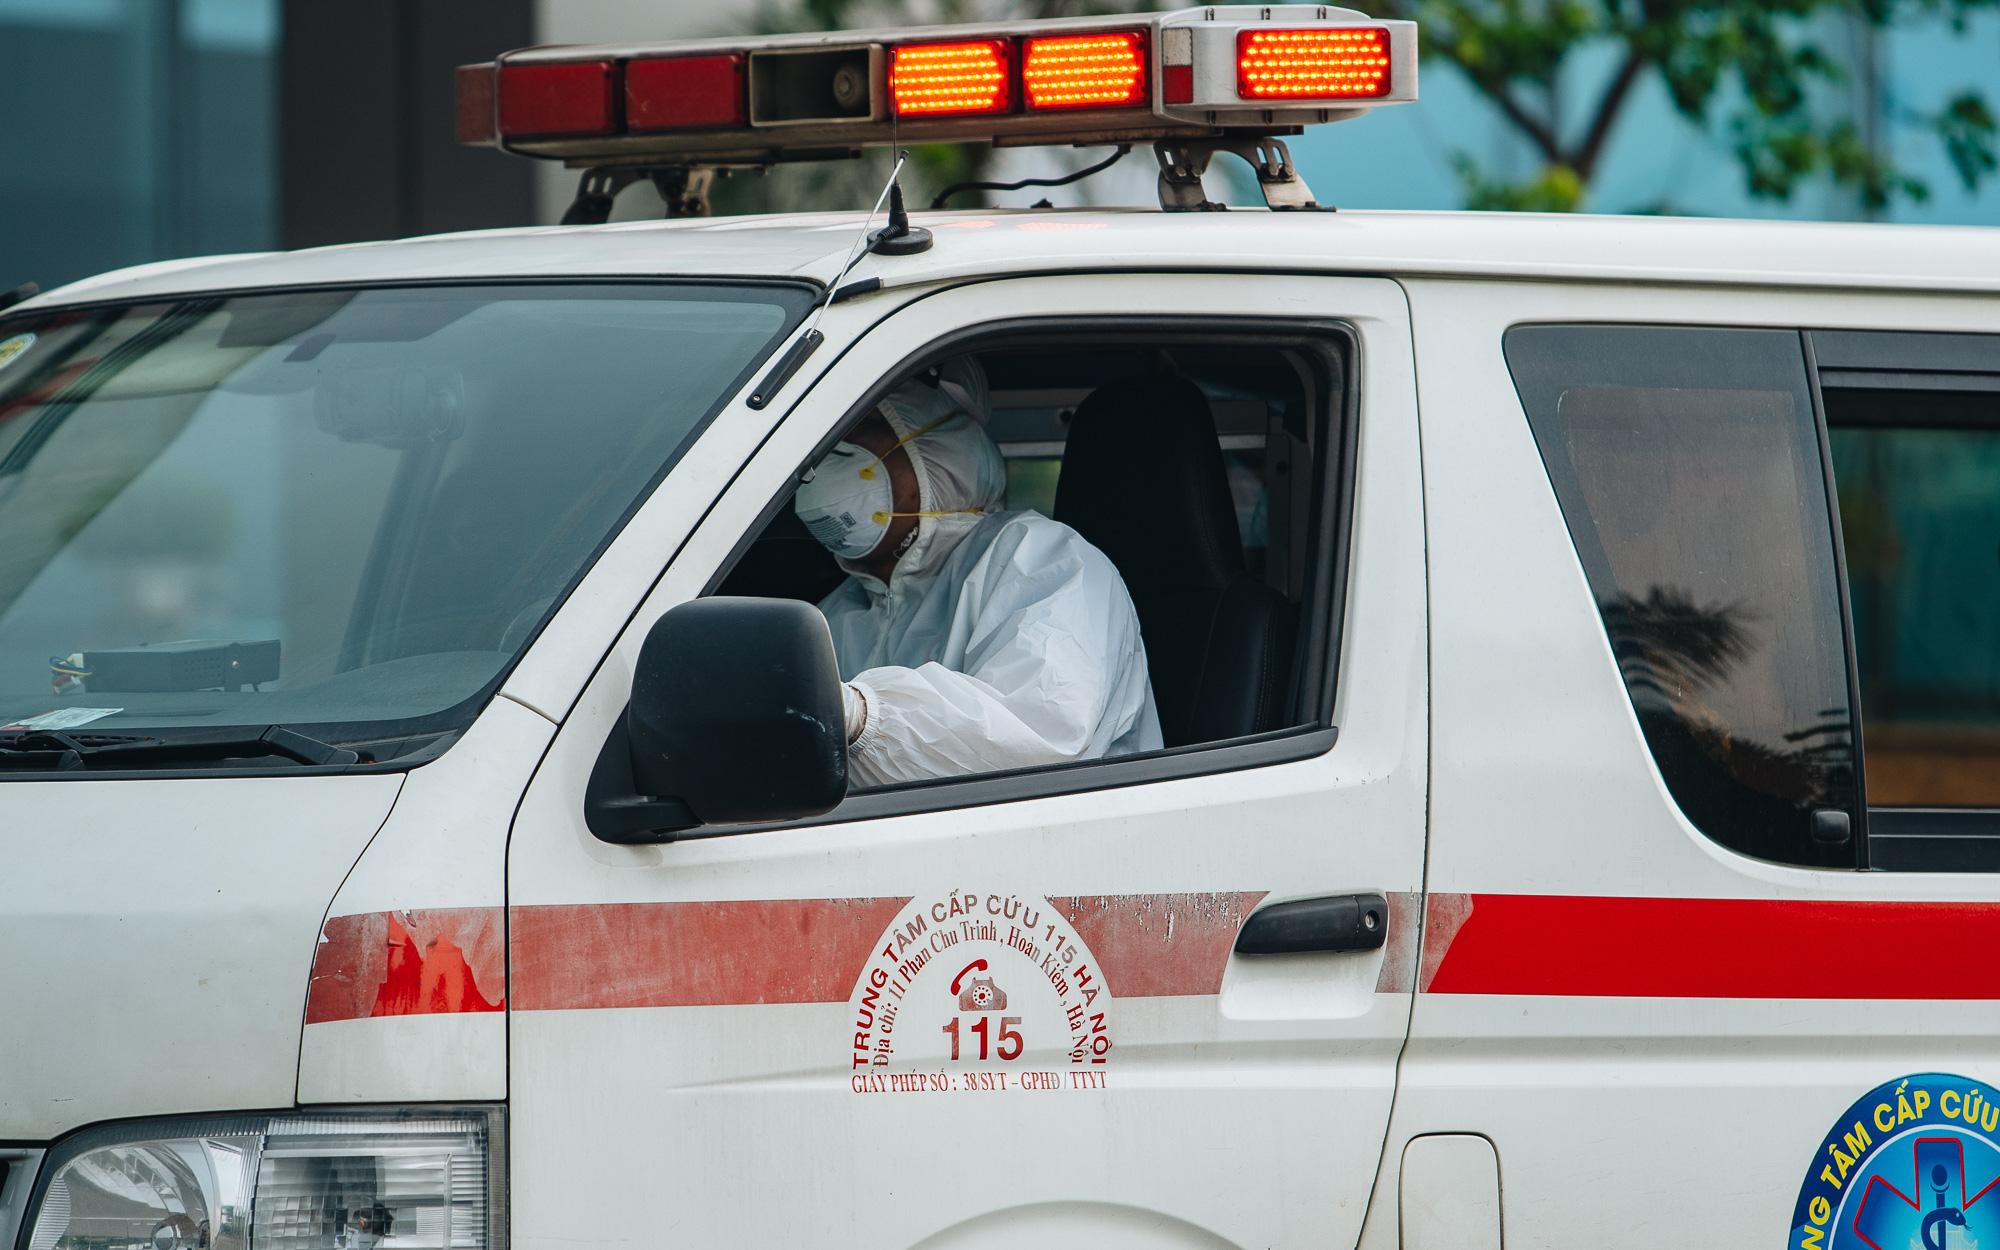 Cử chuyên gia tâm lý đến Đà Nẵng cổ vũ, động viên nhân viên y tế đang căng mình chống dịch